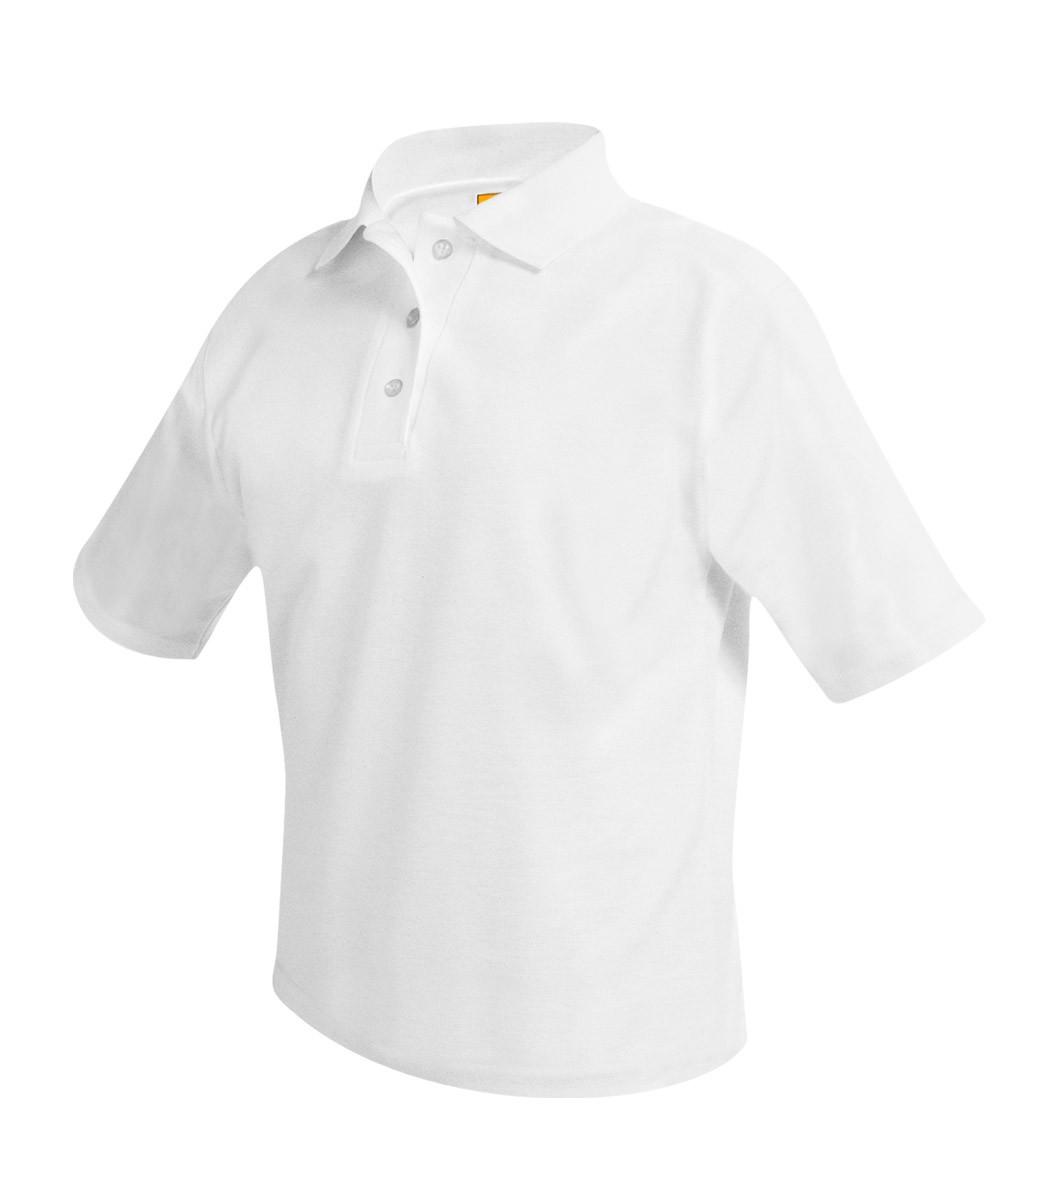 CCA (SFA) Girls' S/S Polo w/ Crest Logo